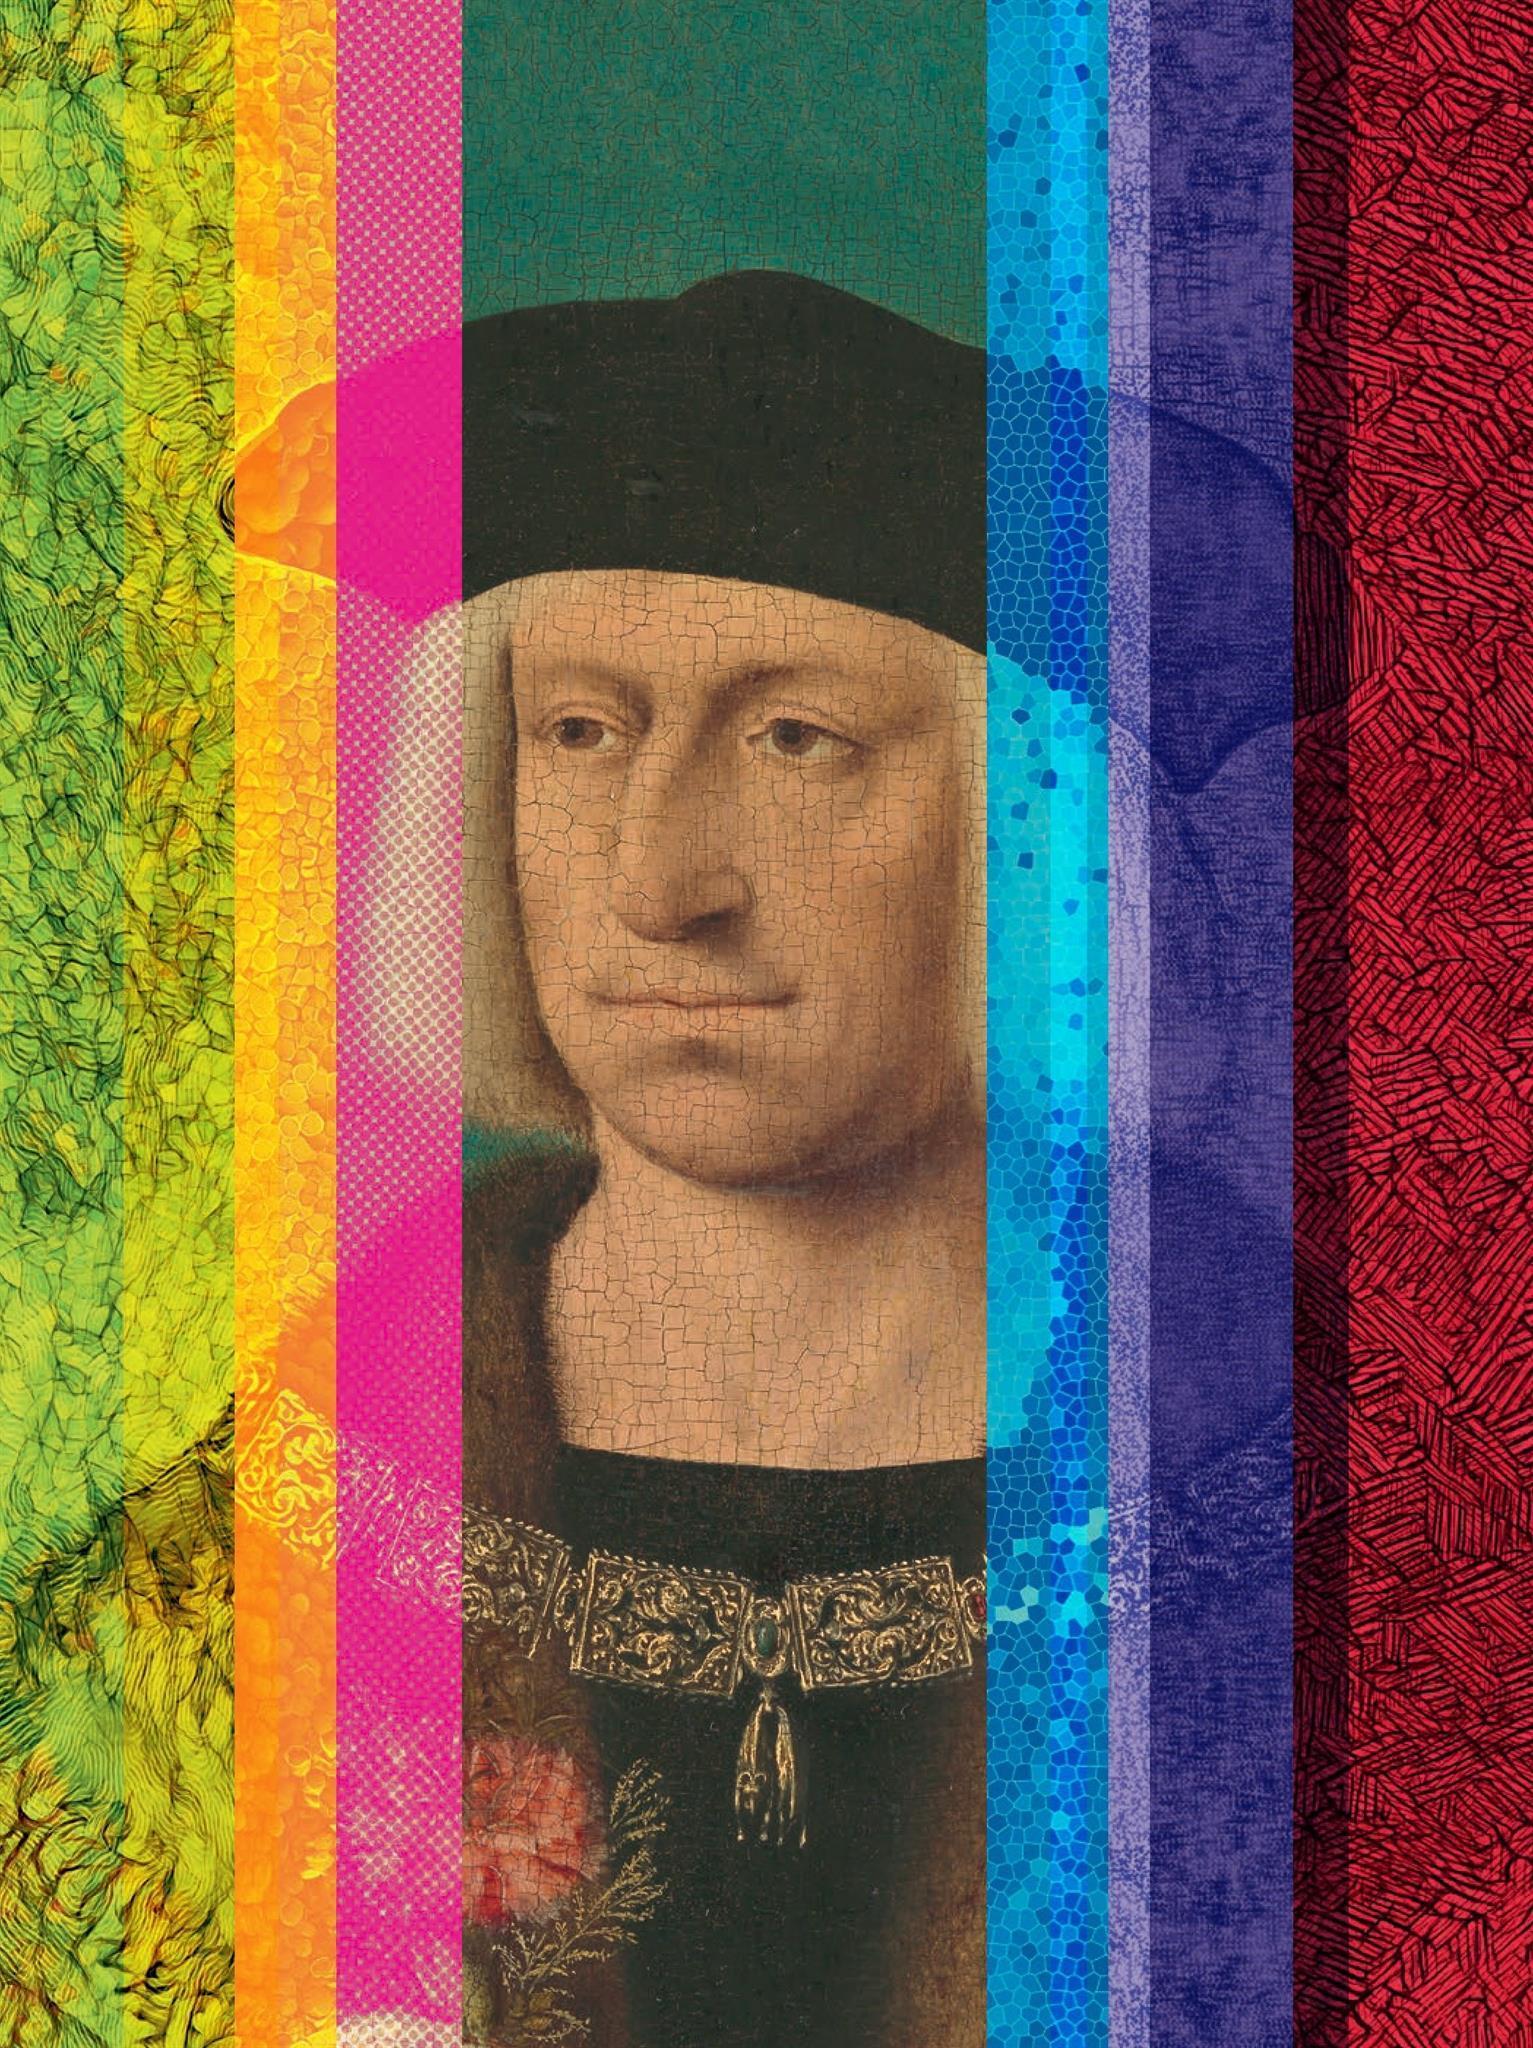 Maximilianjahr: Sonderausstellung